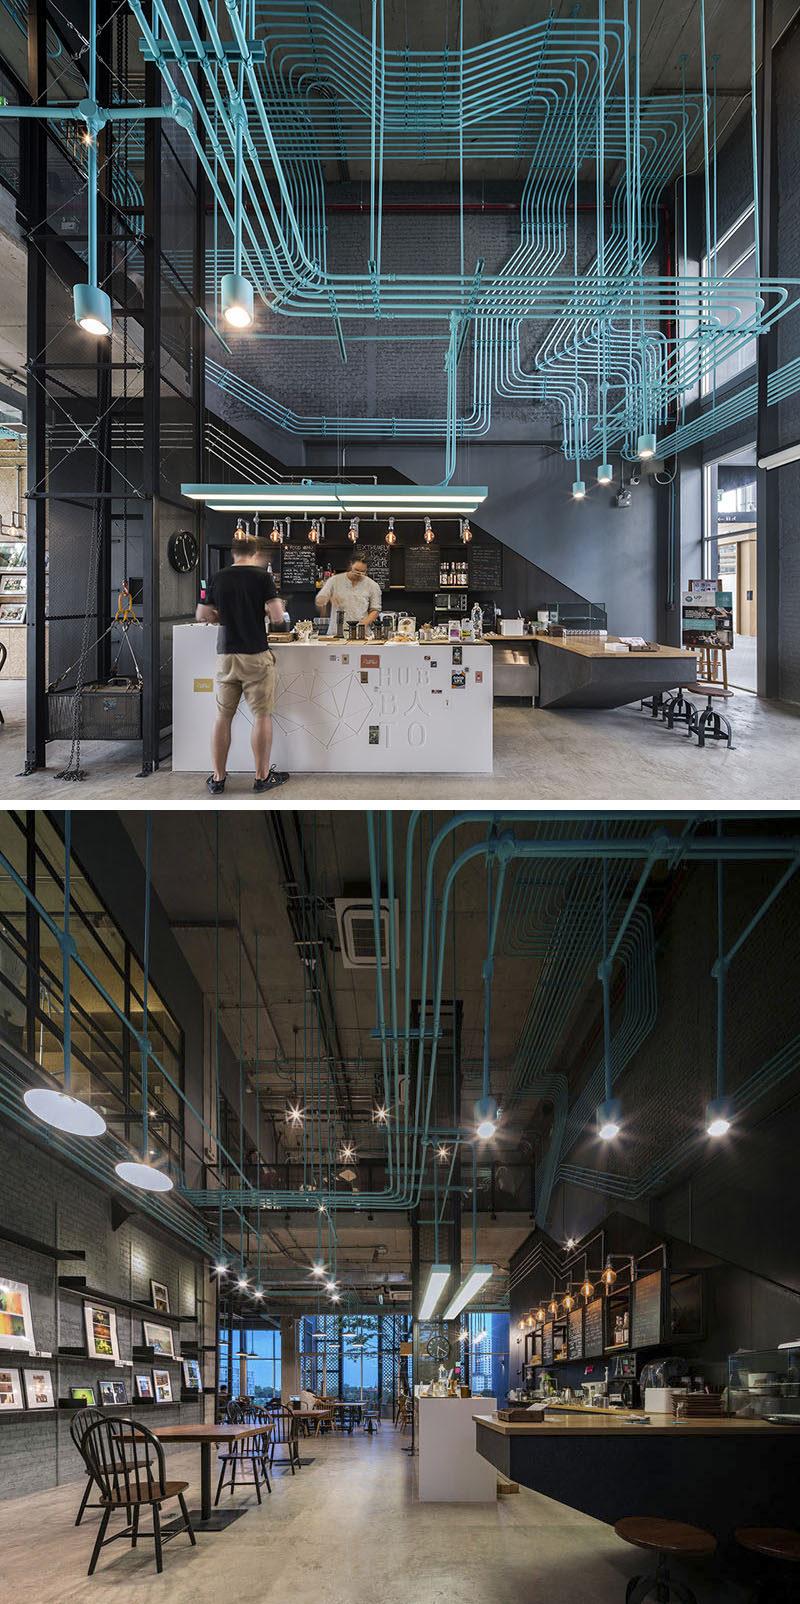 10 cửa hàng cà phê độc đáo ở Châu Á / Supermachine Studio và nhà phát triển Sansiri thiết kế cửa hàng cà phê văn phòng làm nổi bật hệ thống đường dây điện bằng cách sơn nó một màu ngọc lam sáng để cho nó một niềm vui, công nghiệp nhìn.